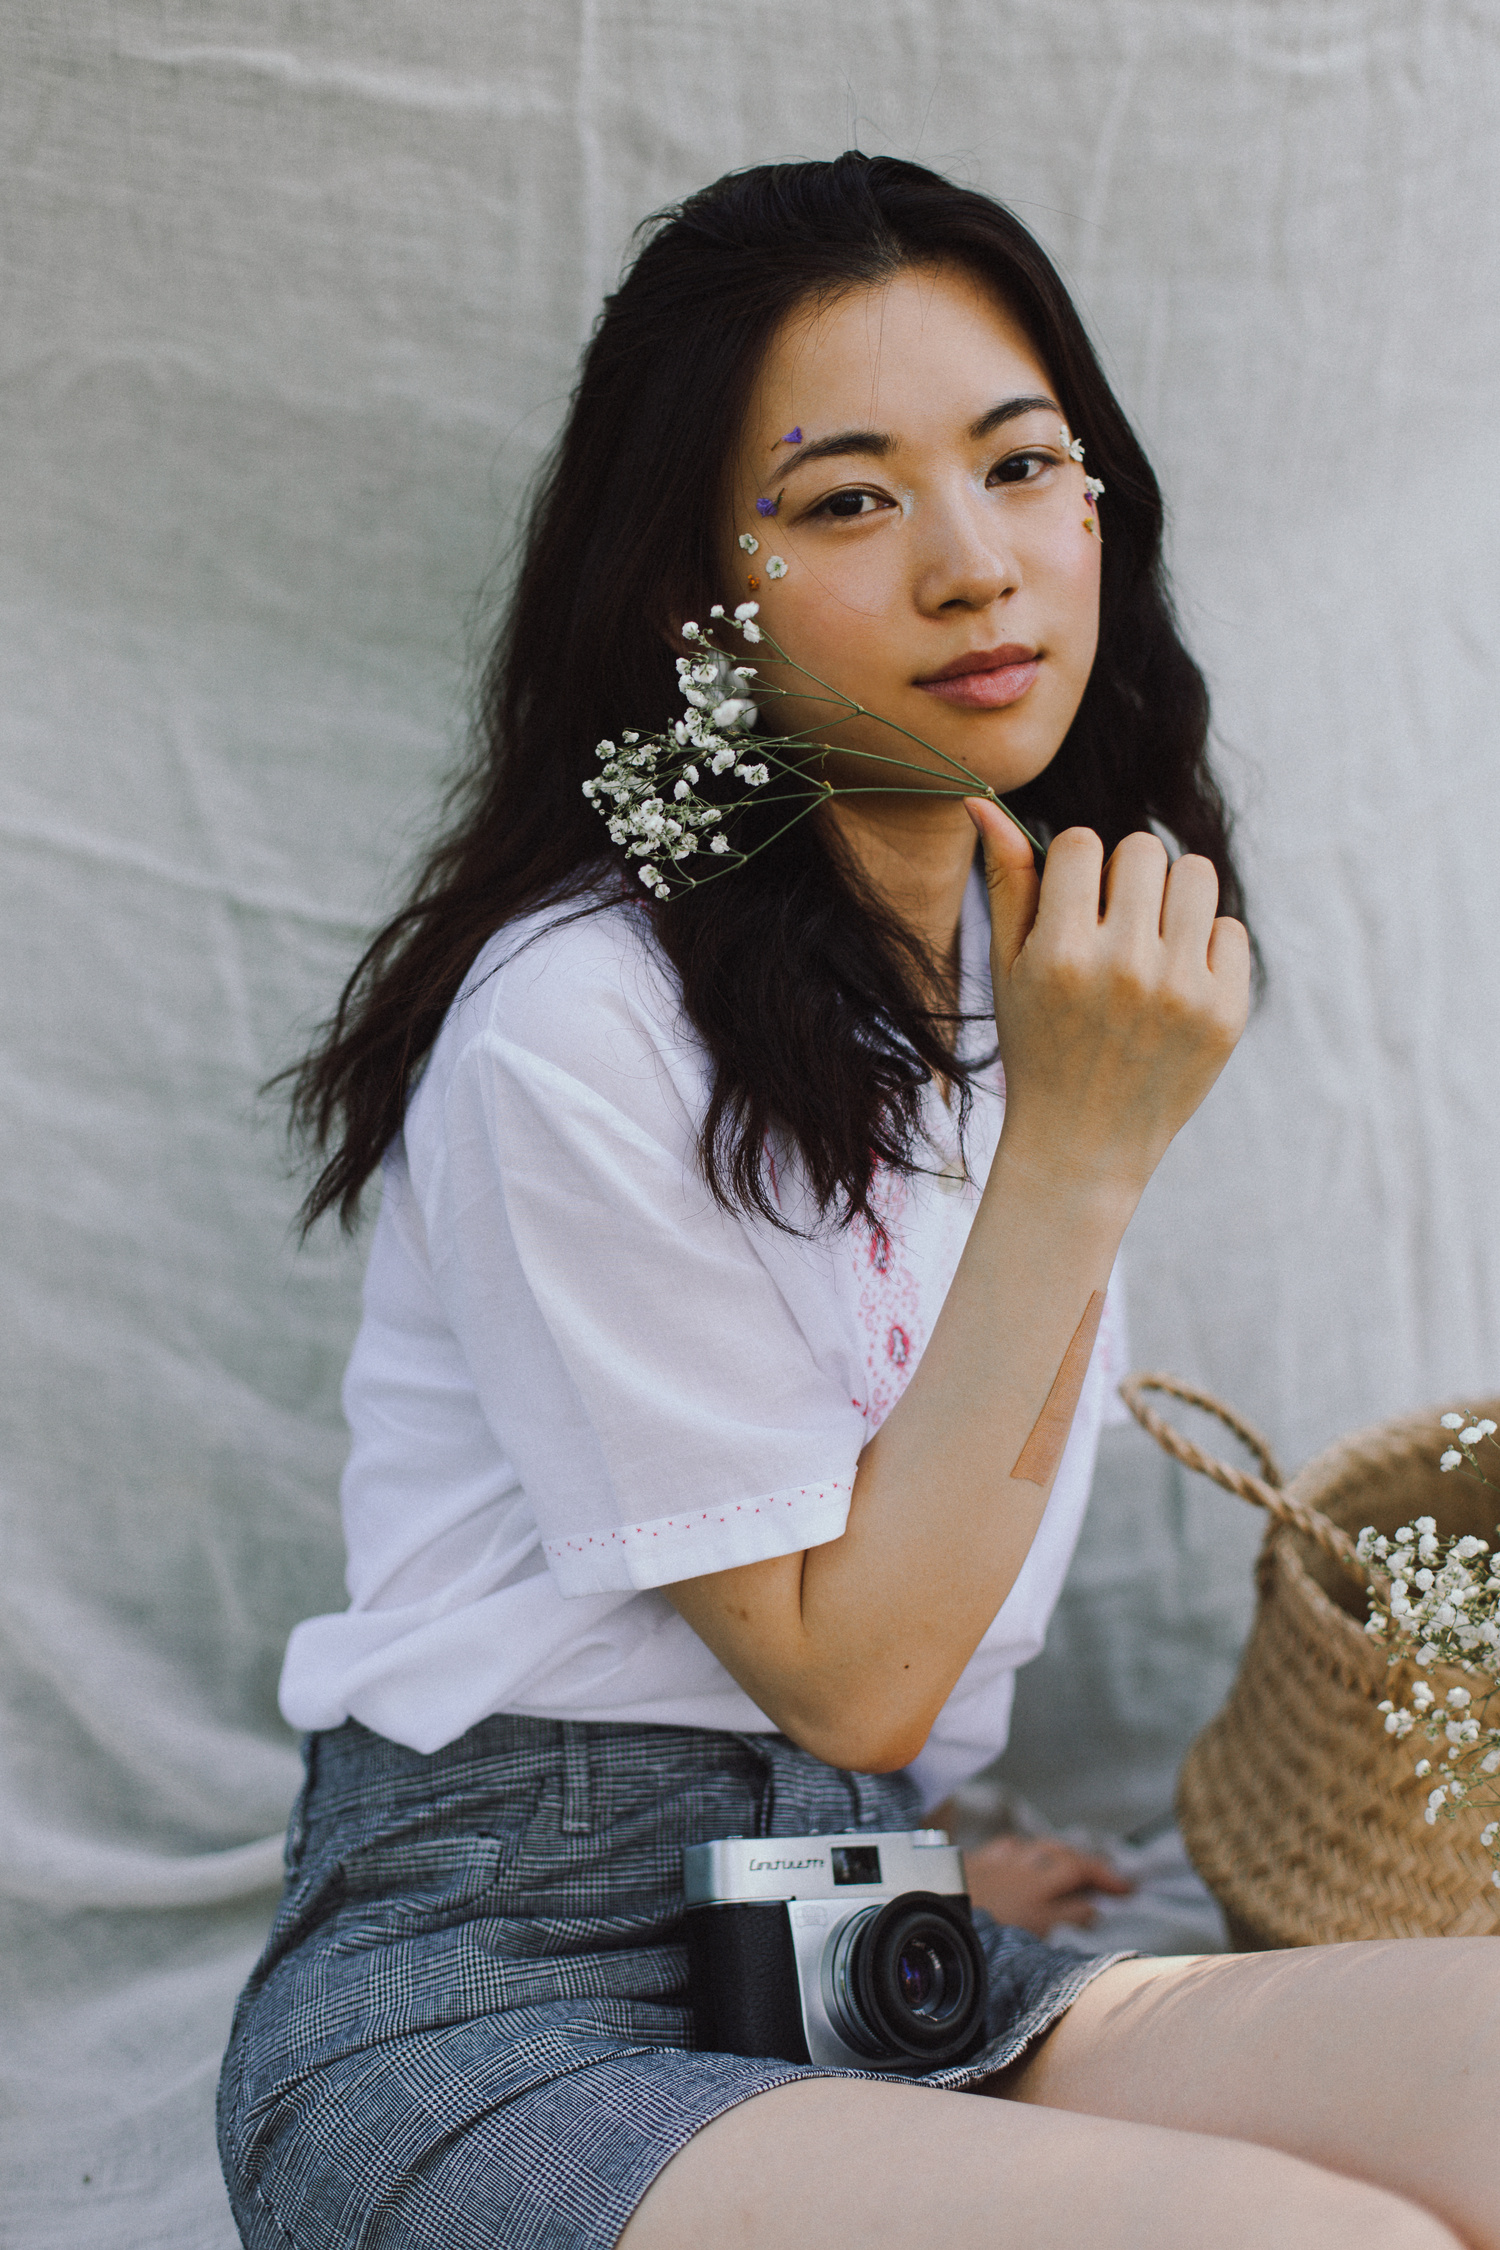 Ritratto di ragazza seduta con macchina fotografica vintage, gonna, camicia e fiori, anni '60